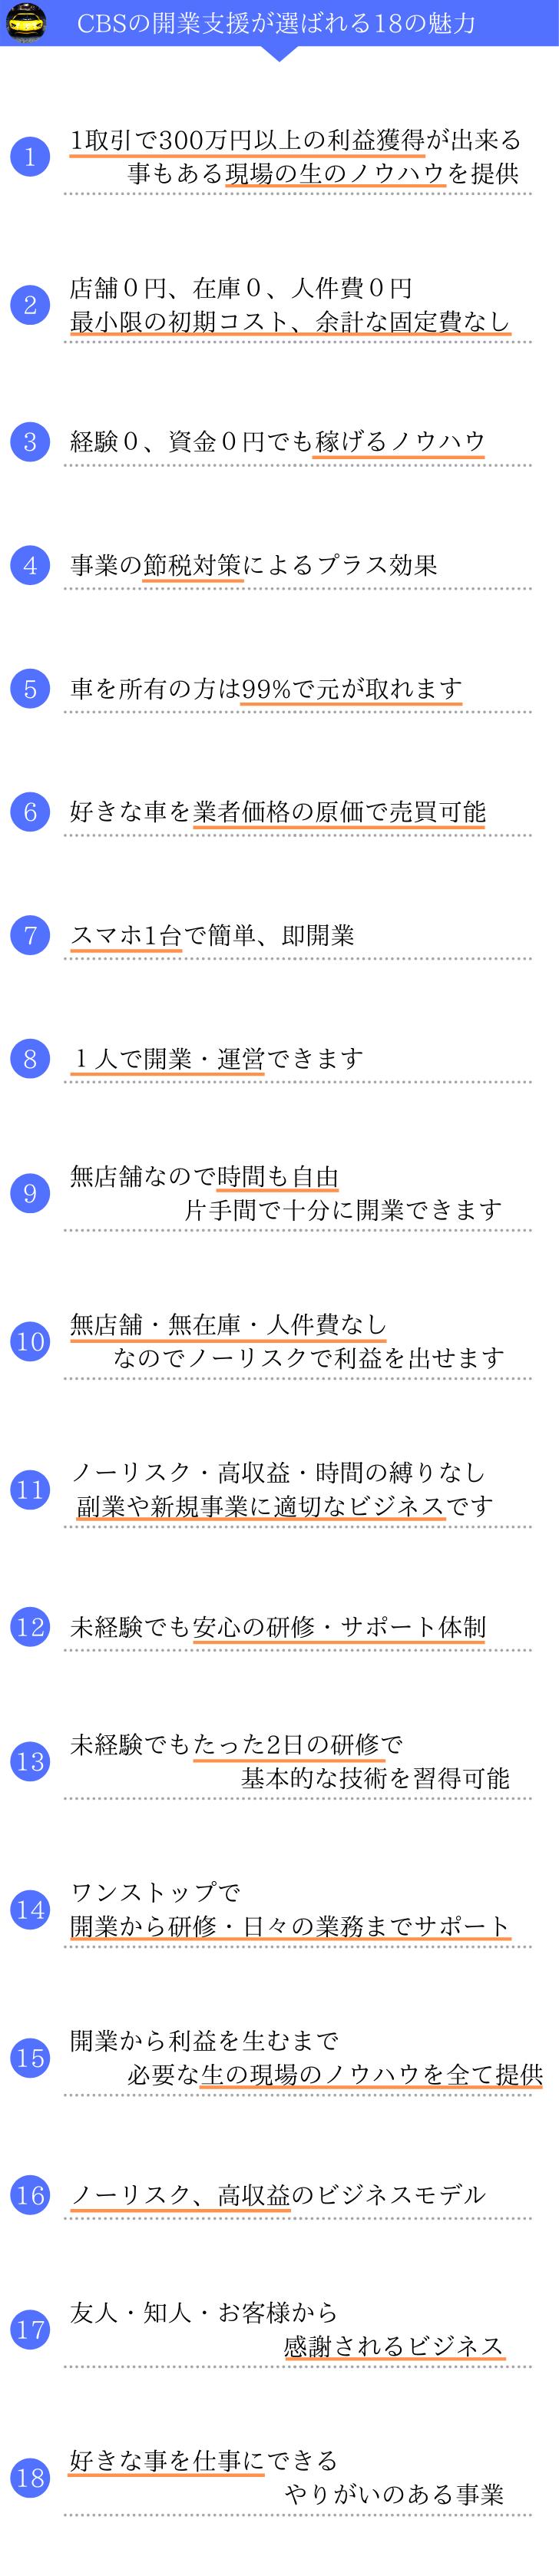 中古車買取店・販売店・業者オークション代行業を独立開業起業4-1